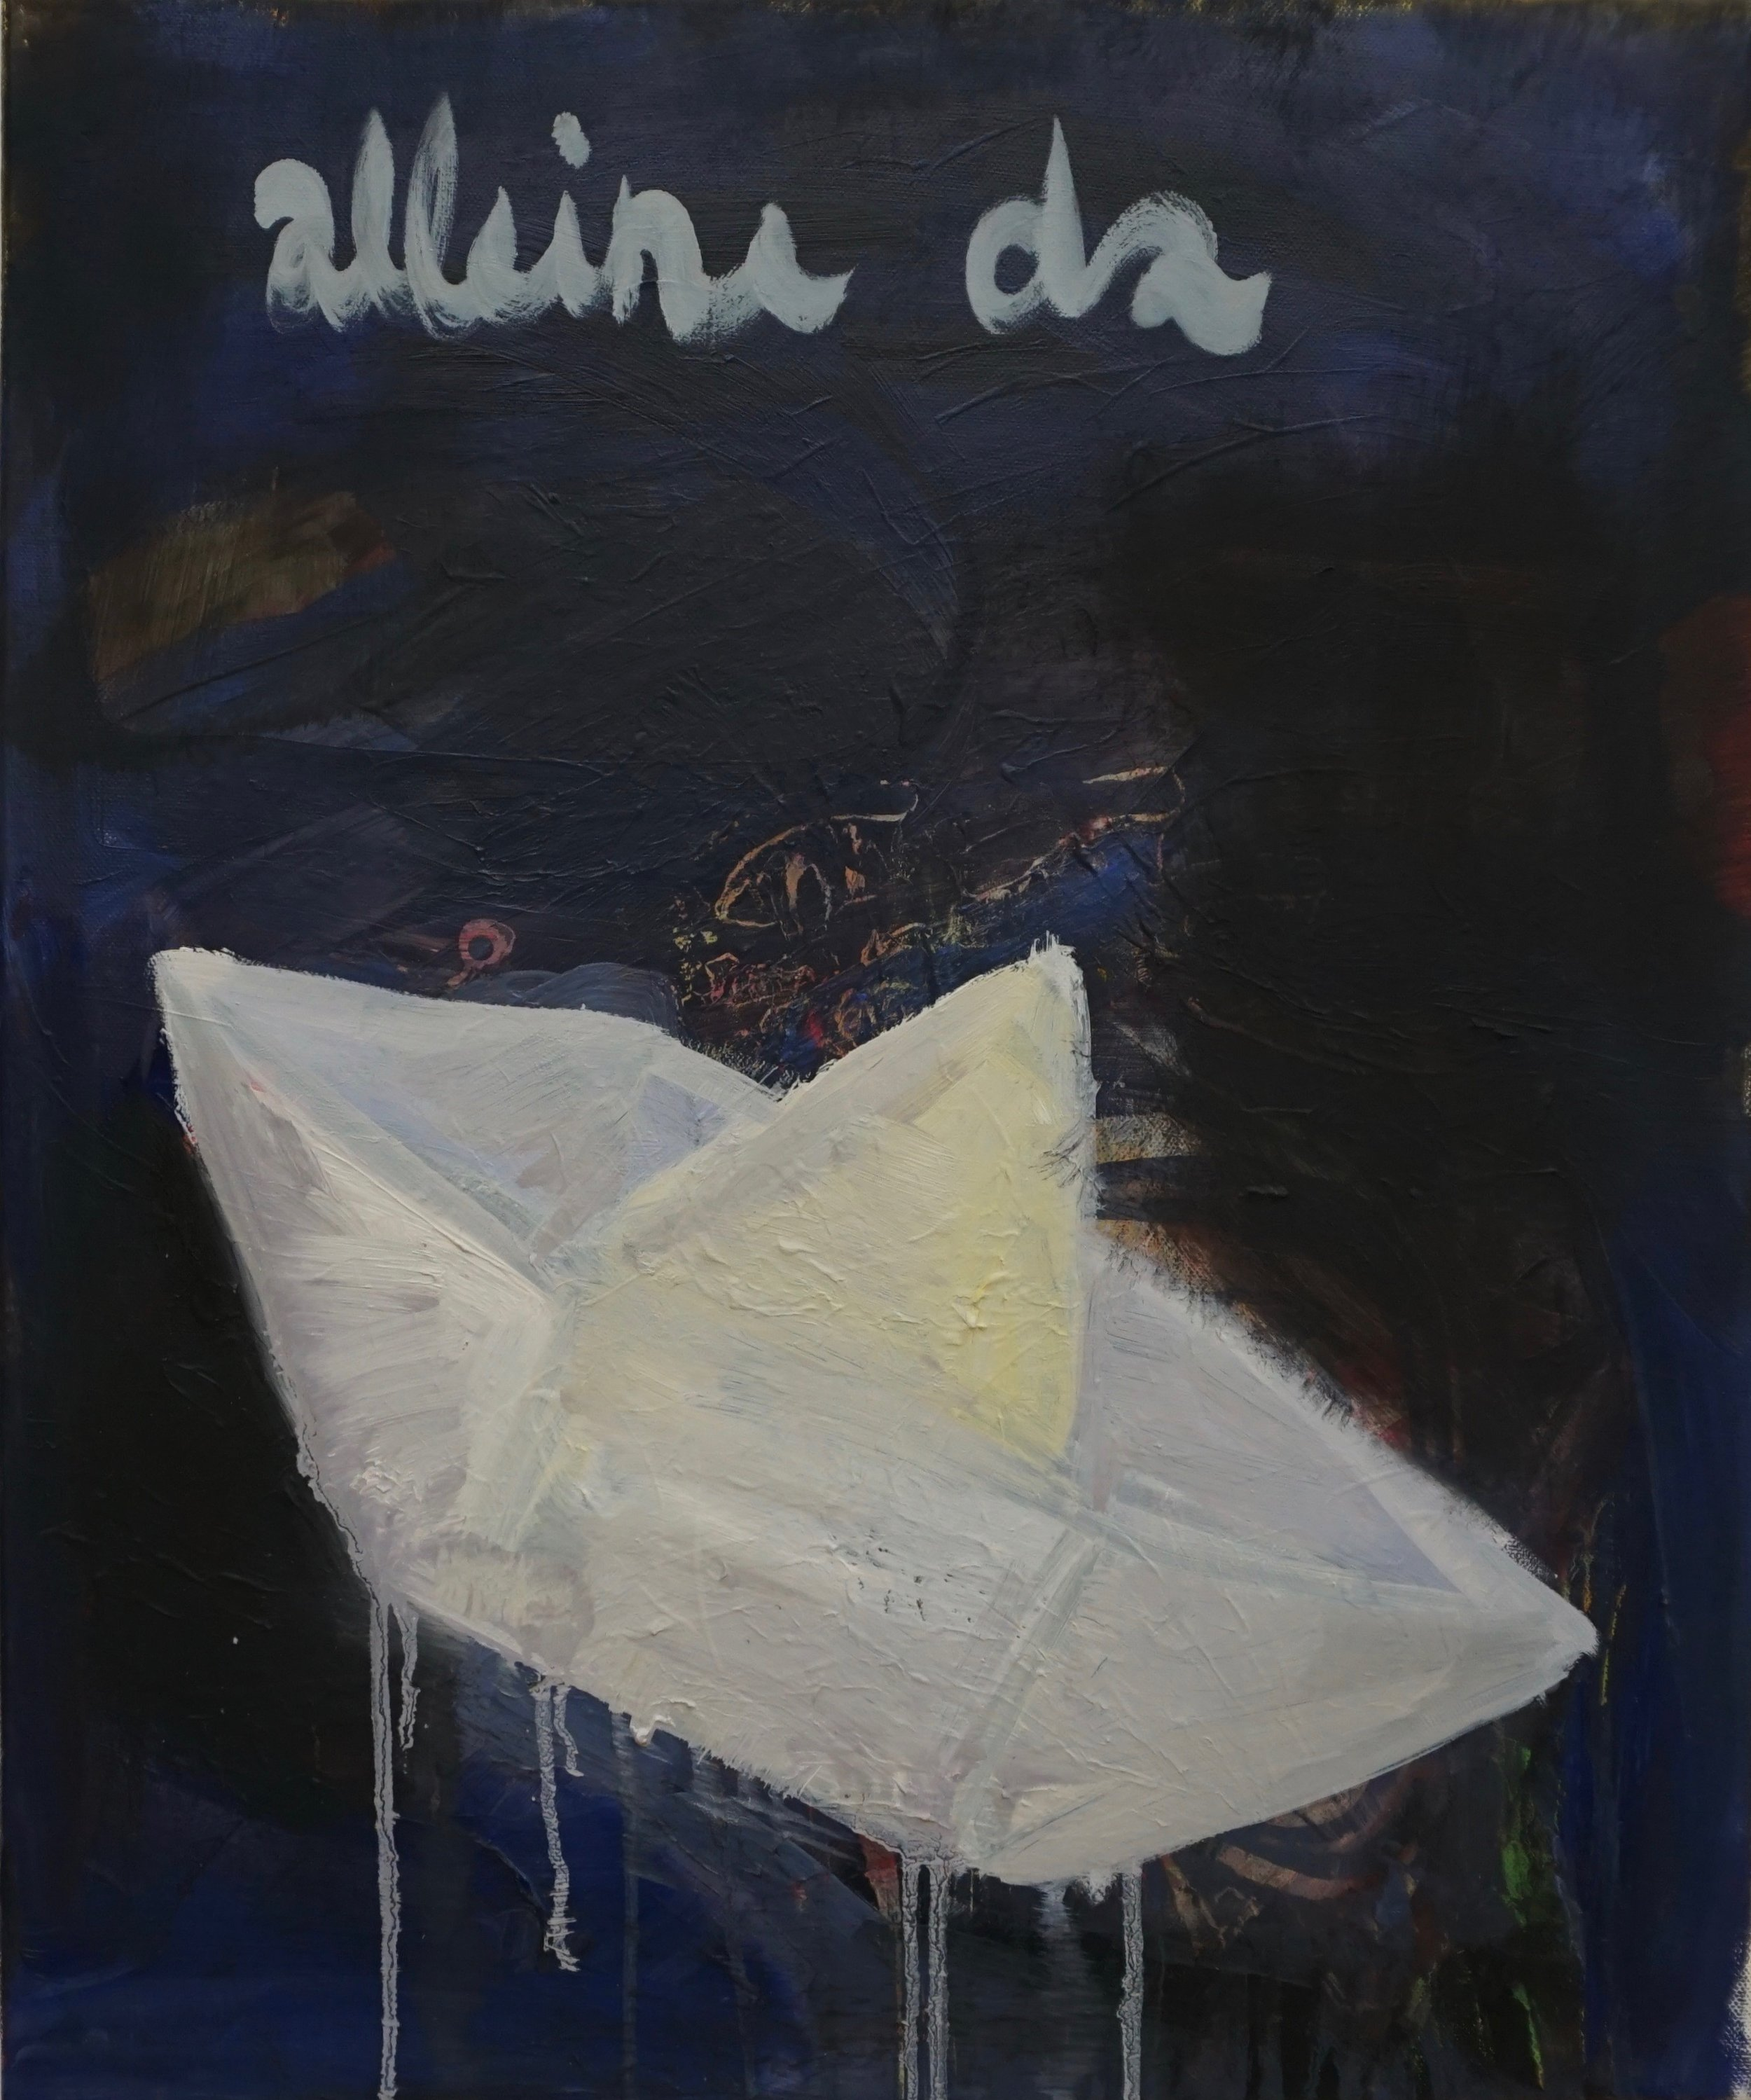 nach ed rusha, westward ho, 1986, öl auf leinwand, 50 x 60 cm